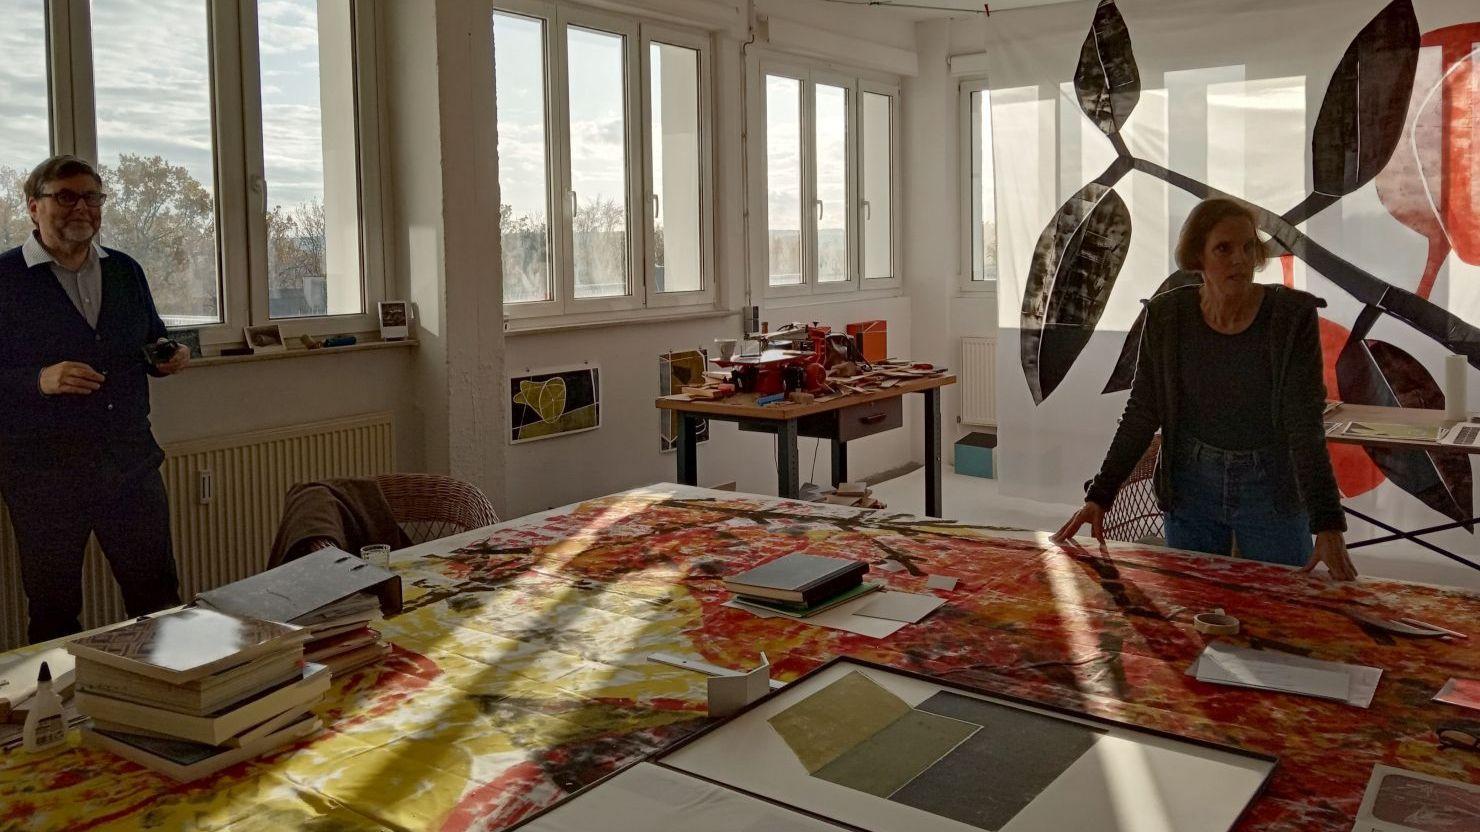 Besuch der Mitglieder des Freundeskreises im Atelier der Künstlerin Martina Geist